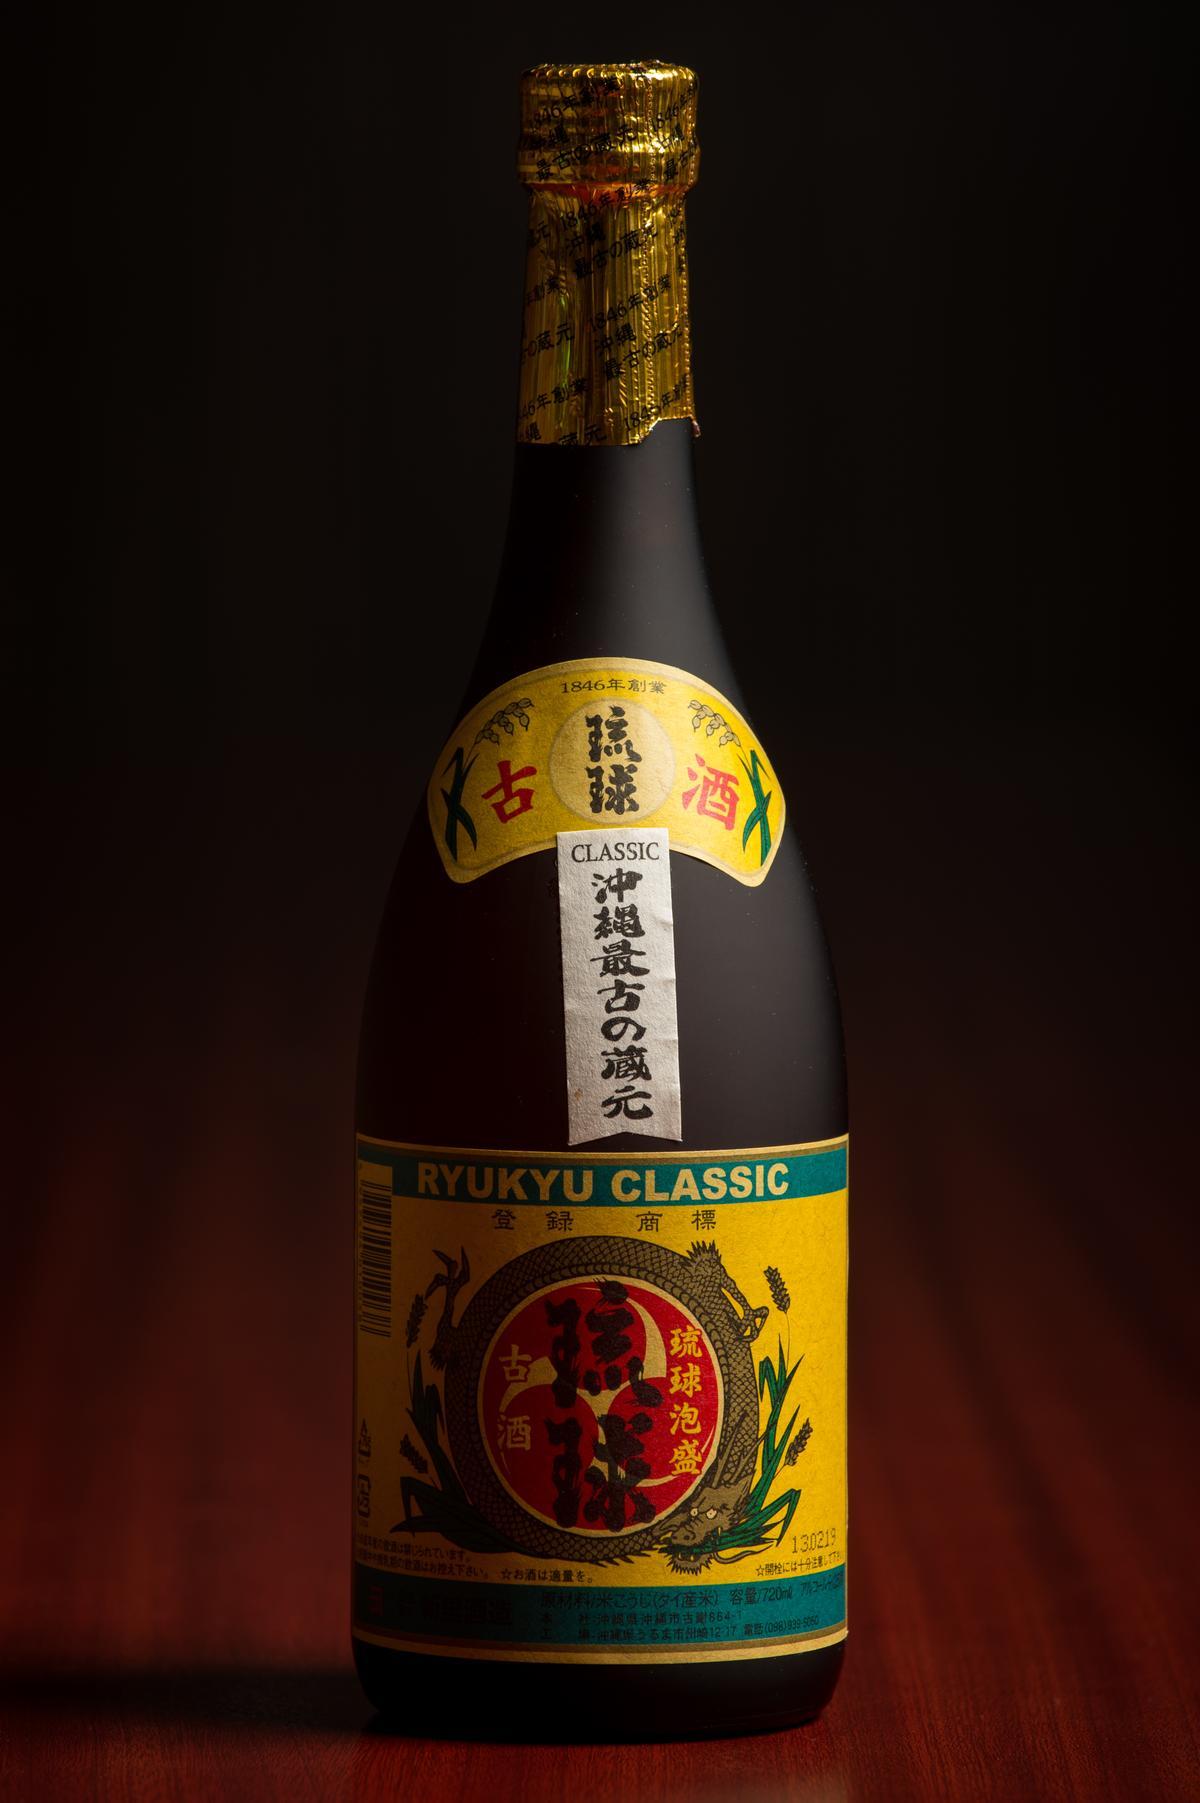 「琉球泡盛」是沖繩最古老的酒廠「新里酒造」出品的古酒,遵循古法將泡盛在壺中熟成,時光醞釀出深層而飽滿的口感。(1,200元/瓶)